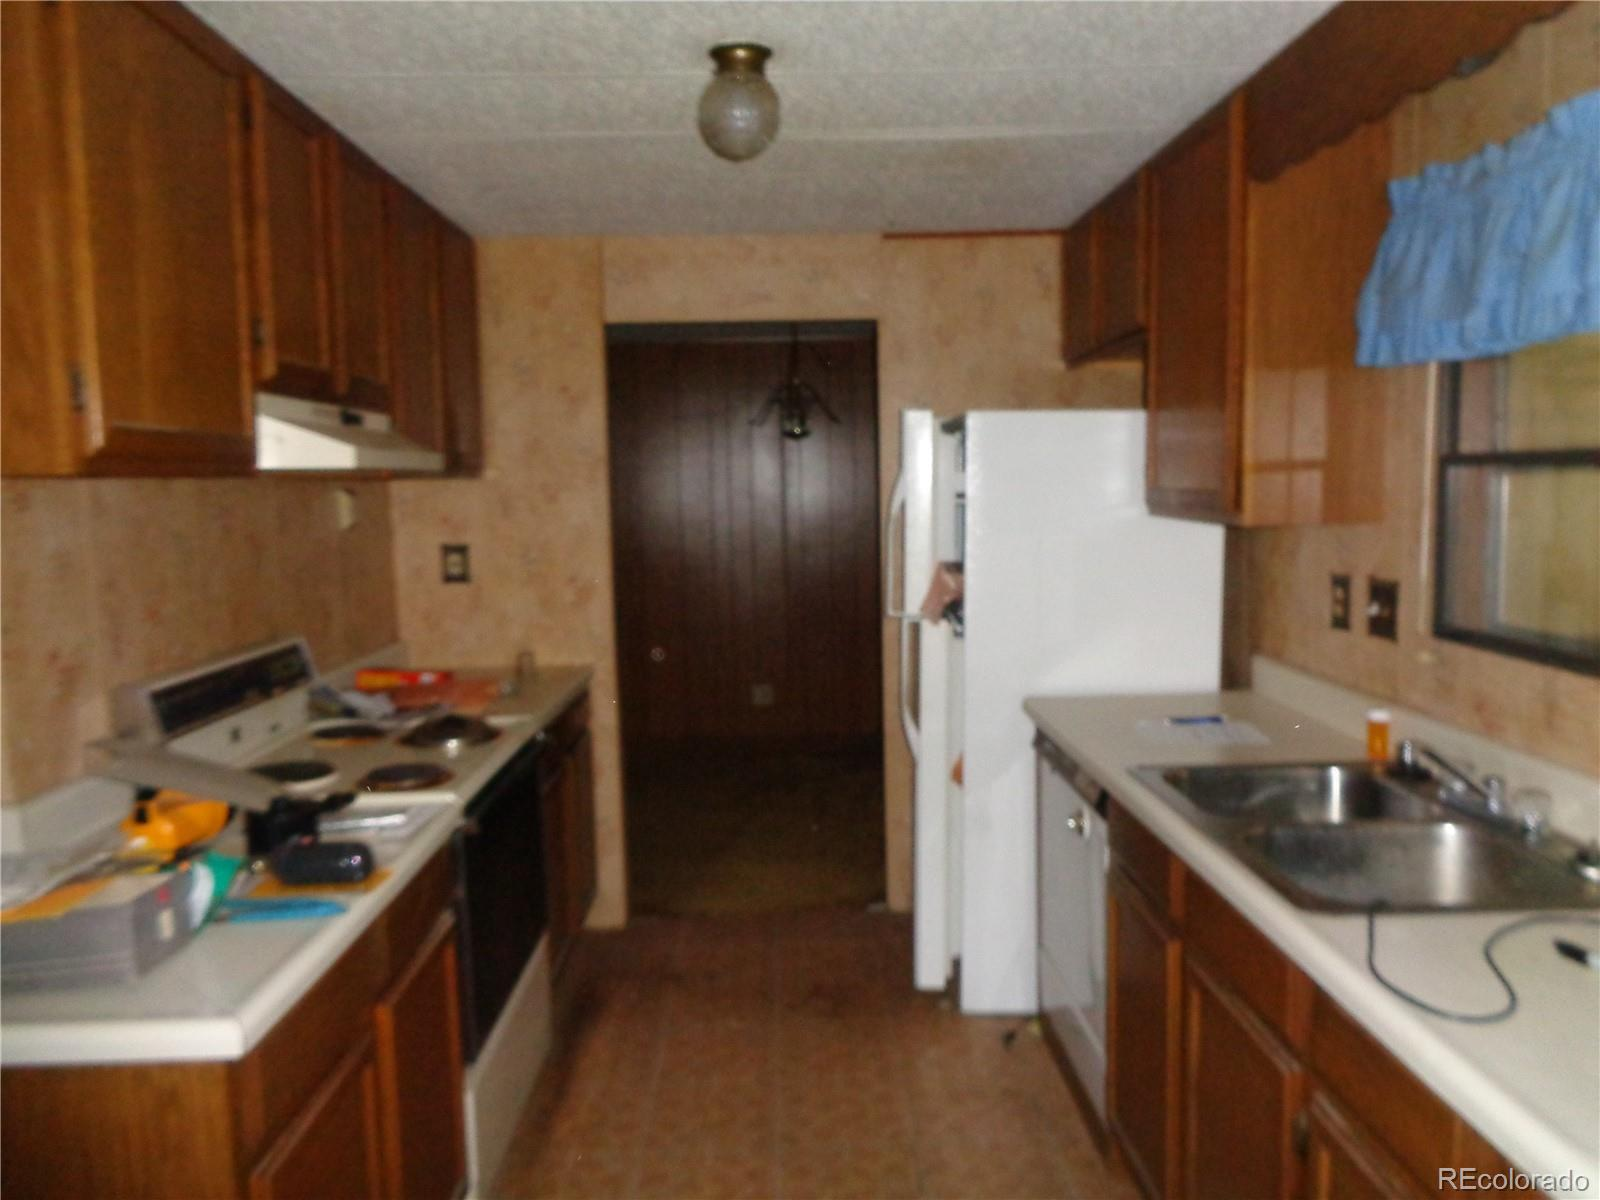 MLS# 2115575 - 5 - 109 Wooster Drive, Firestone, CO 80520